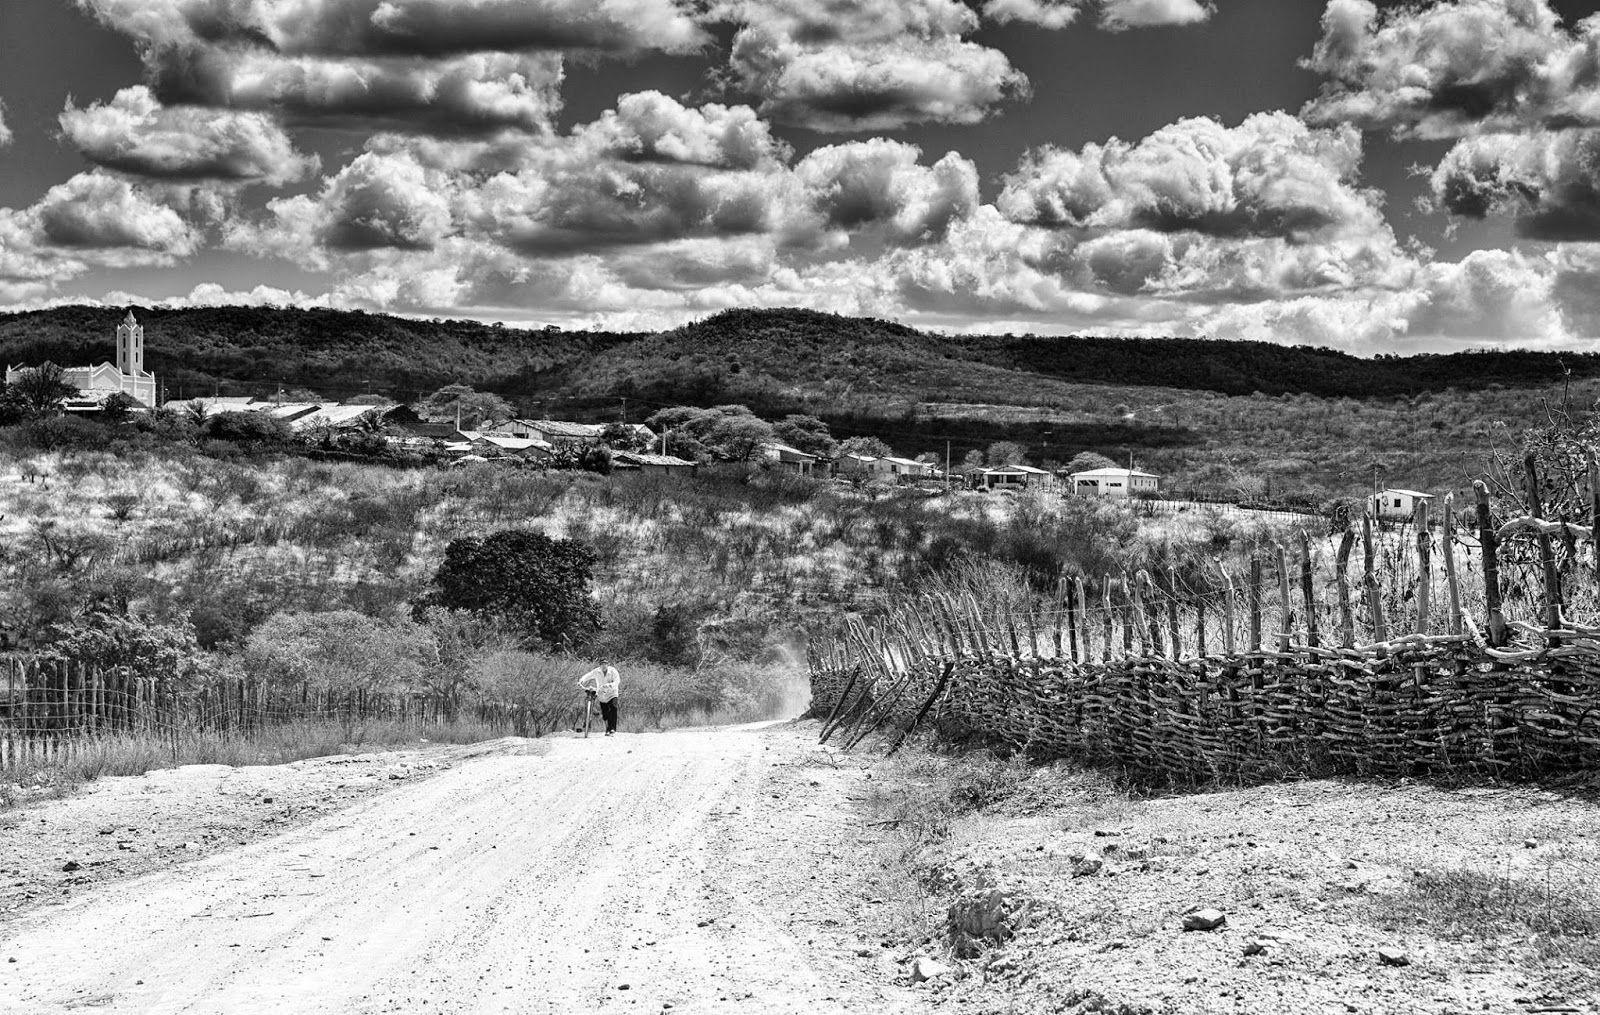 Blog de Santo Afonso: Fotografia - Quixariú - Sertão do Ceará - de André Bessa